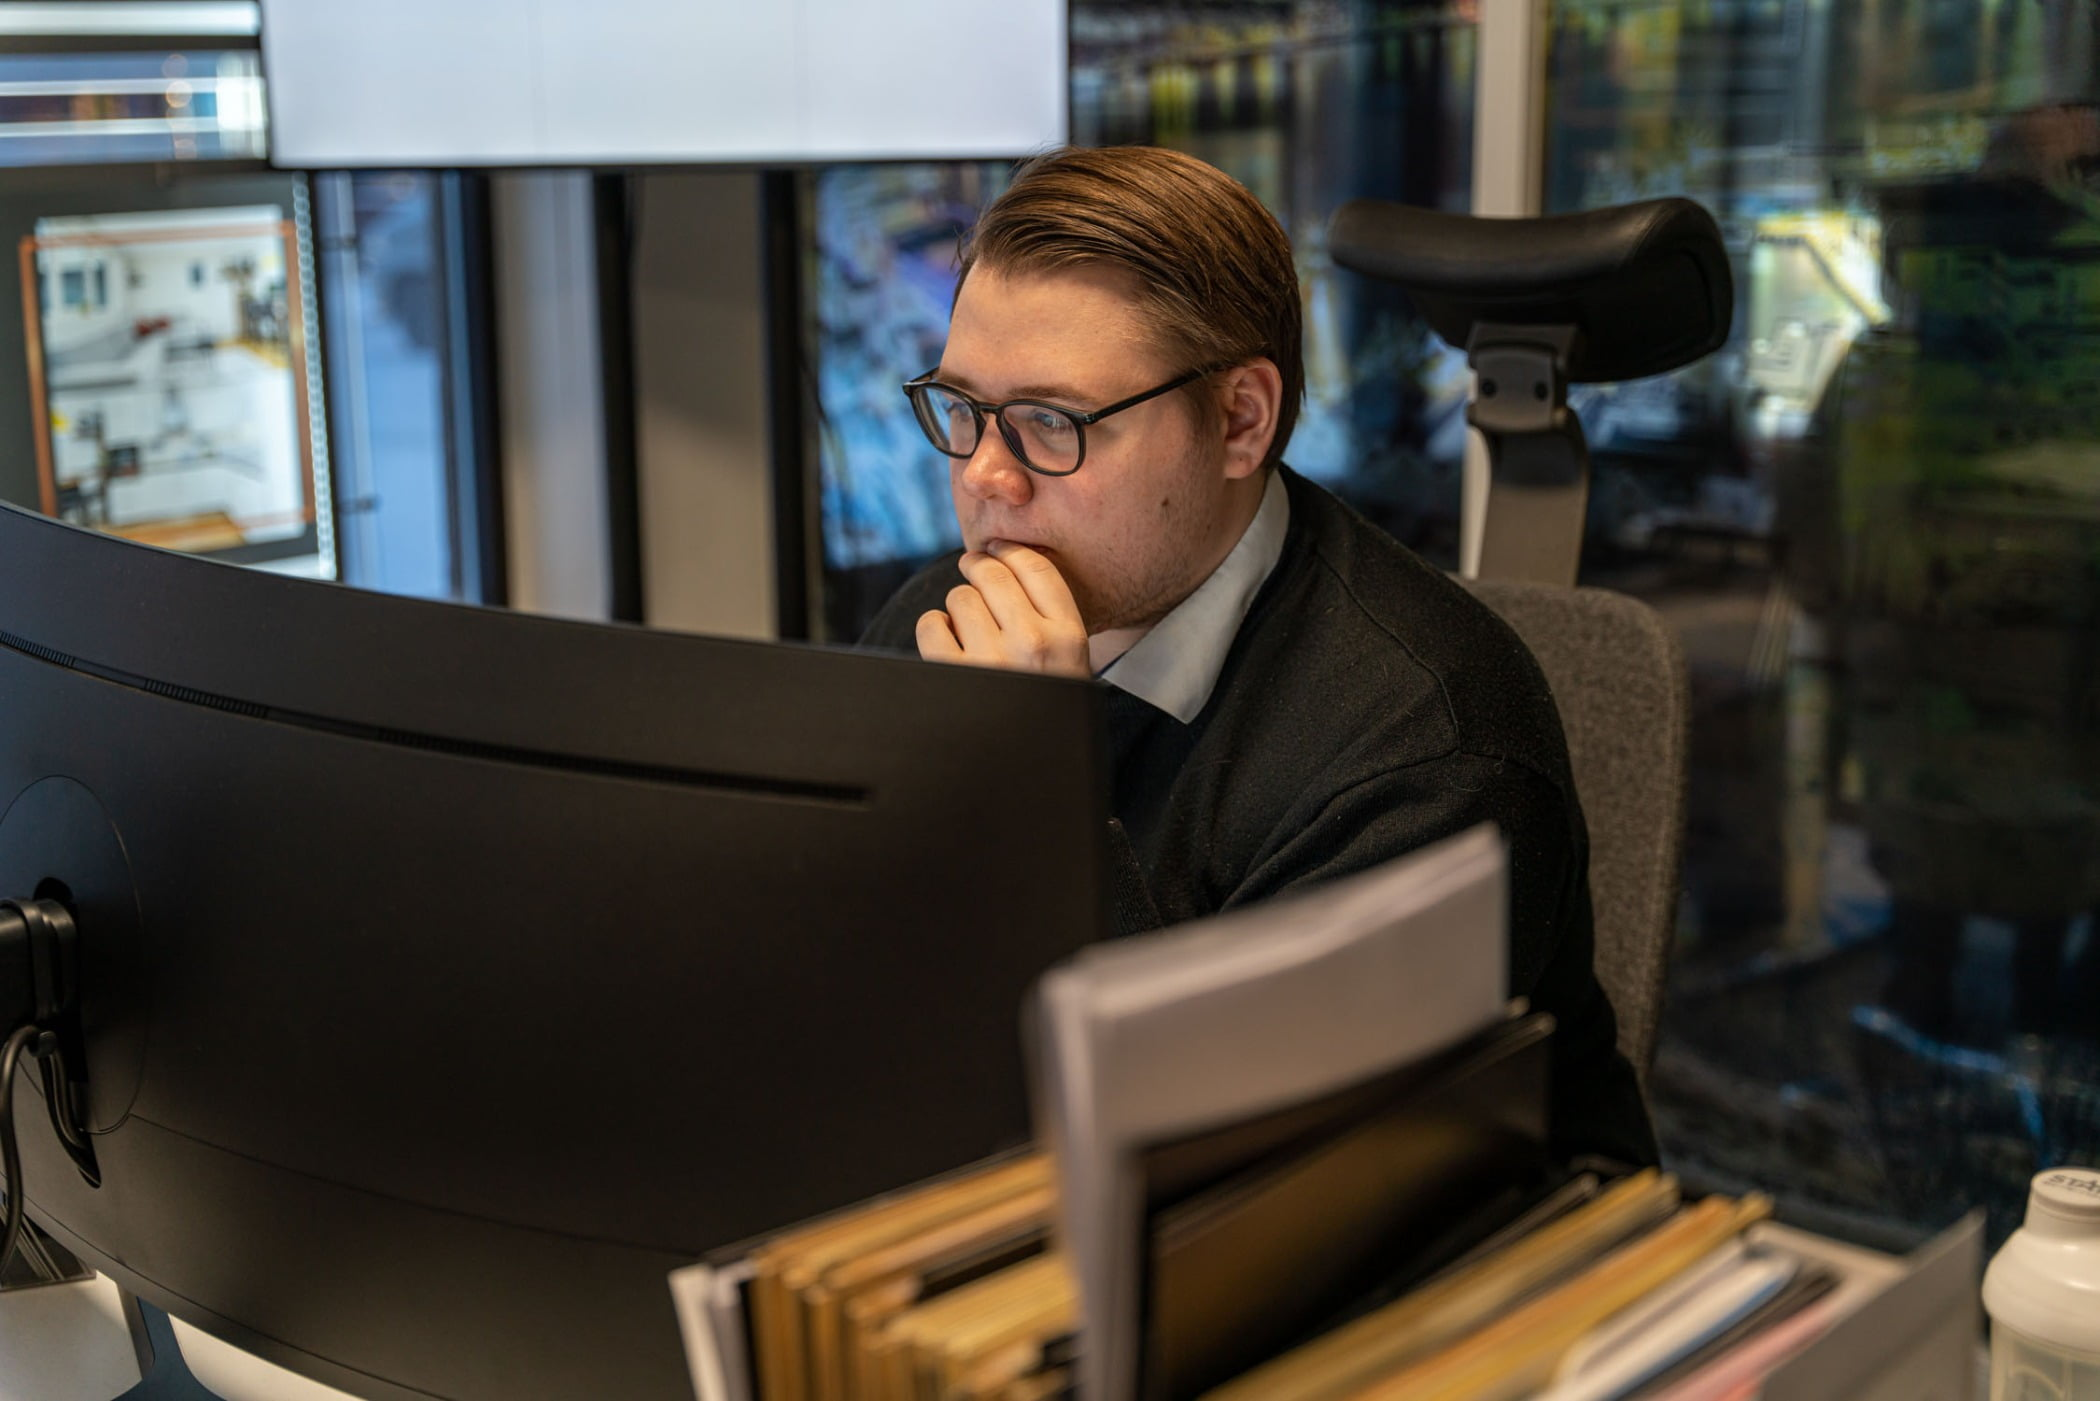 Personal computer, Output device, Automotive design, Glasses, Suit